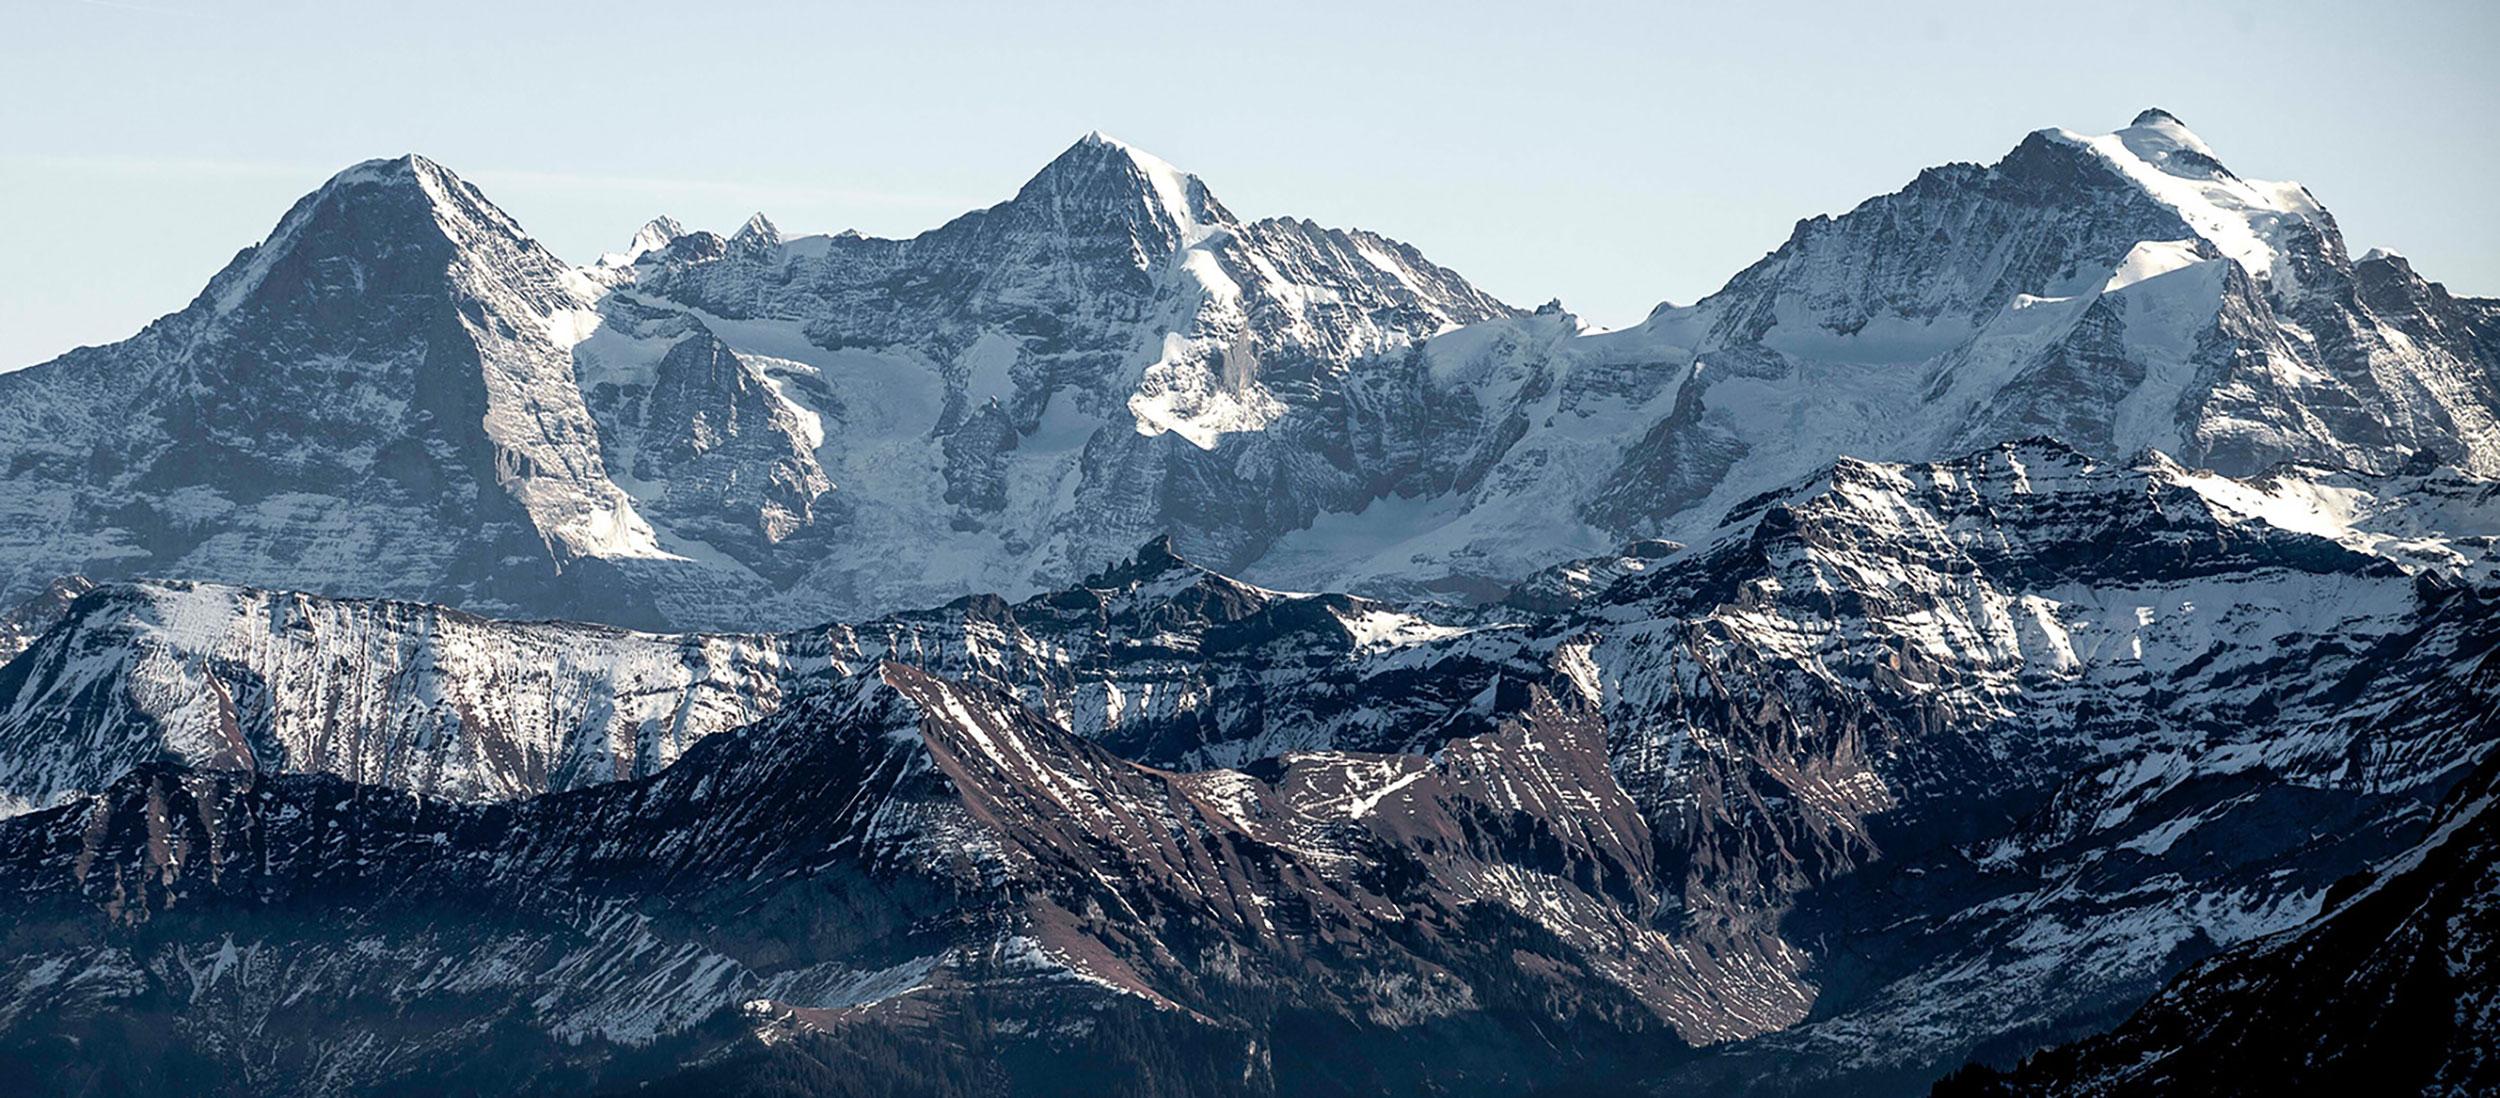 Eiger_Mönch_Jungfrau.jpg